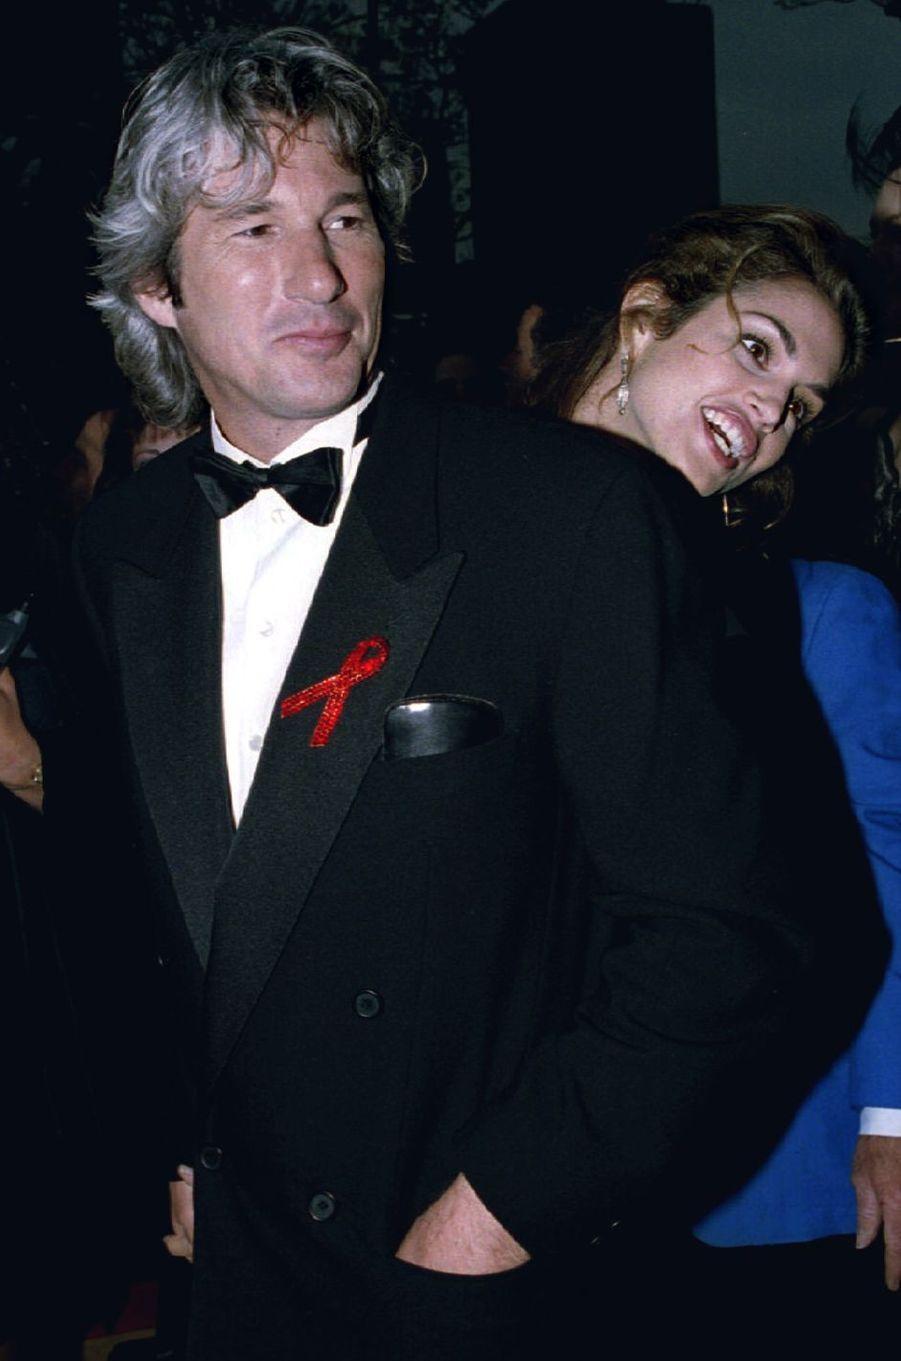 Richard Gere et Cindy Crawford à la 65ième cérémonie des Oscars à Los Angeles le 29 mars 1993